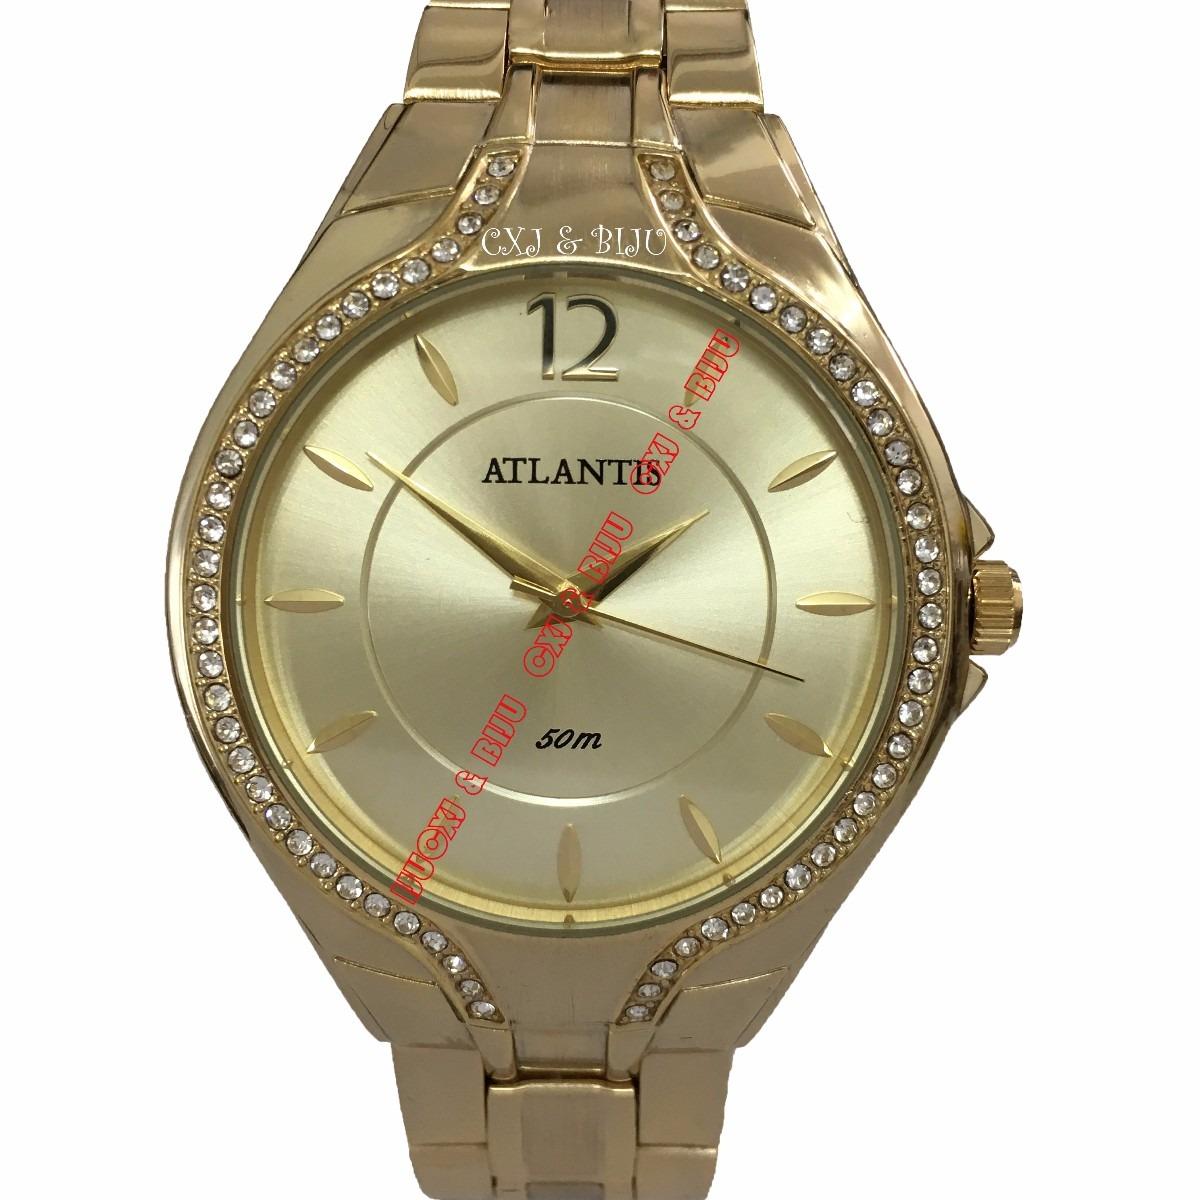 a497fccf134 relógio feminino original atlantis prateado frete grátis. Carregando zoom.